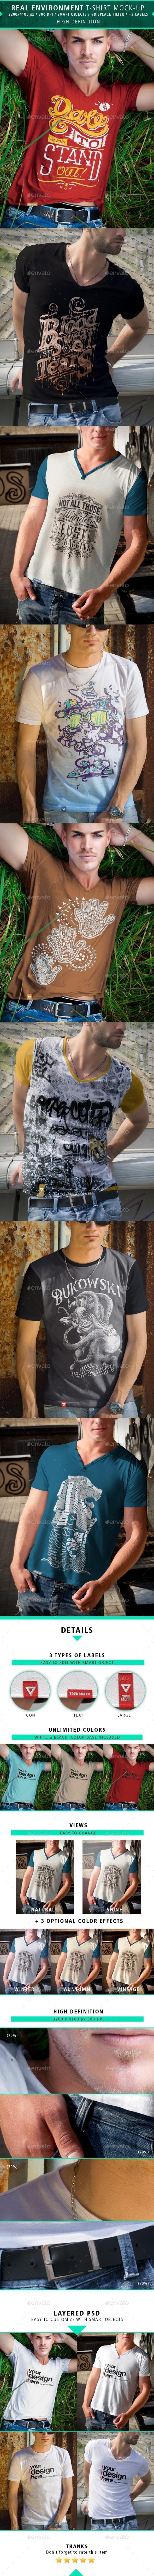 4 Real Environment Man T-shirt Mock-up - T-shirts Apparel